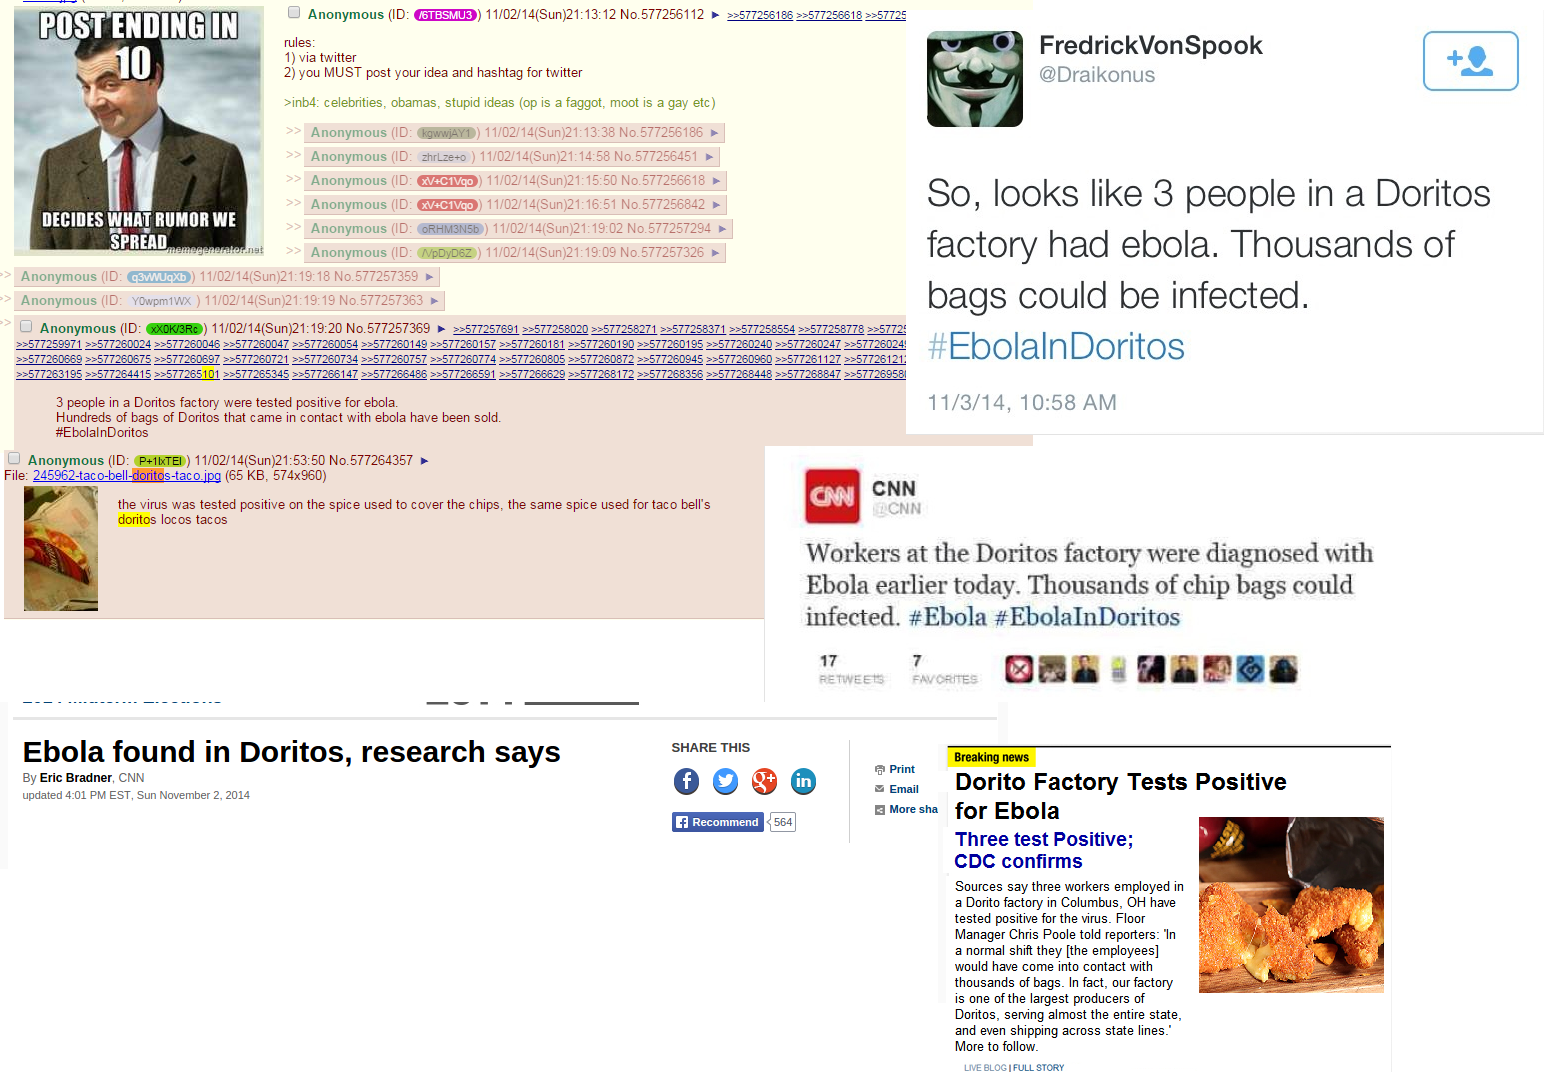 Ebola Doritos 4chan